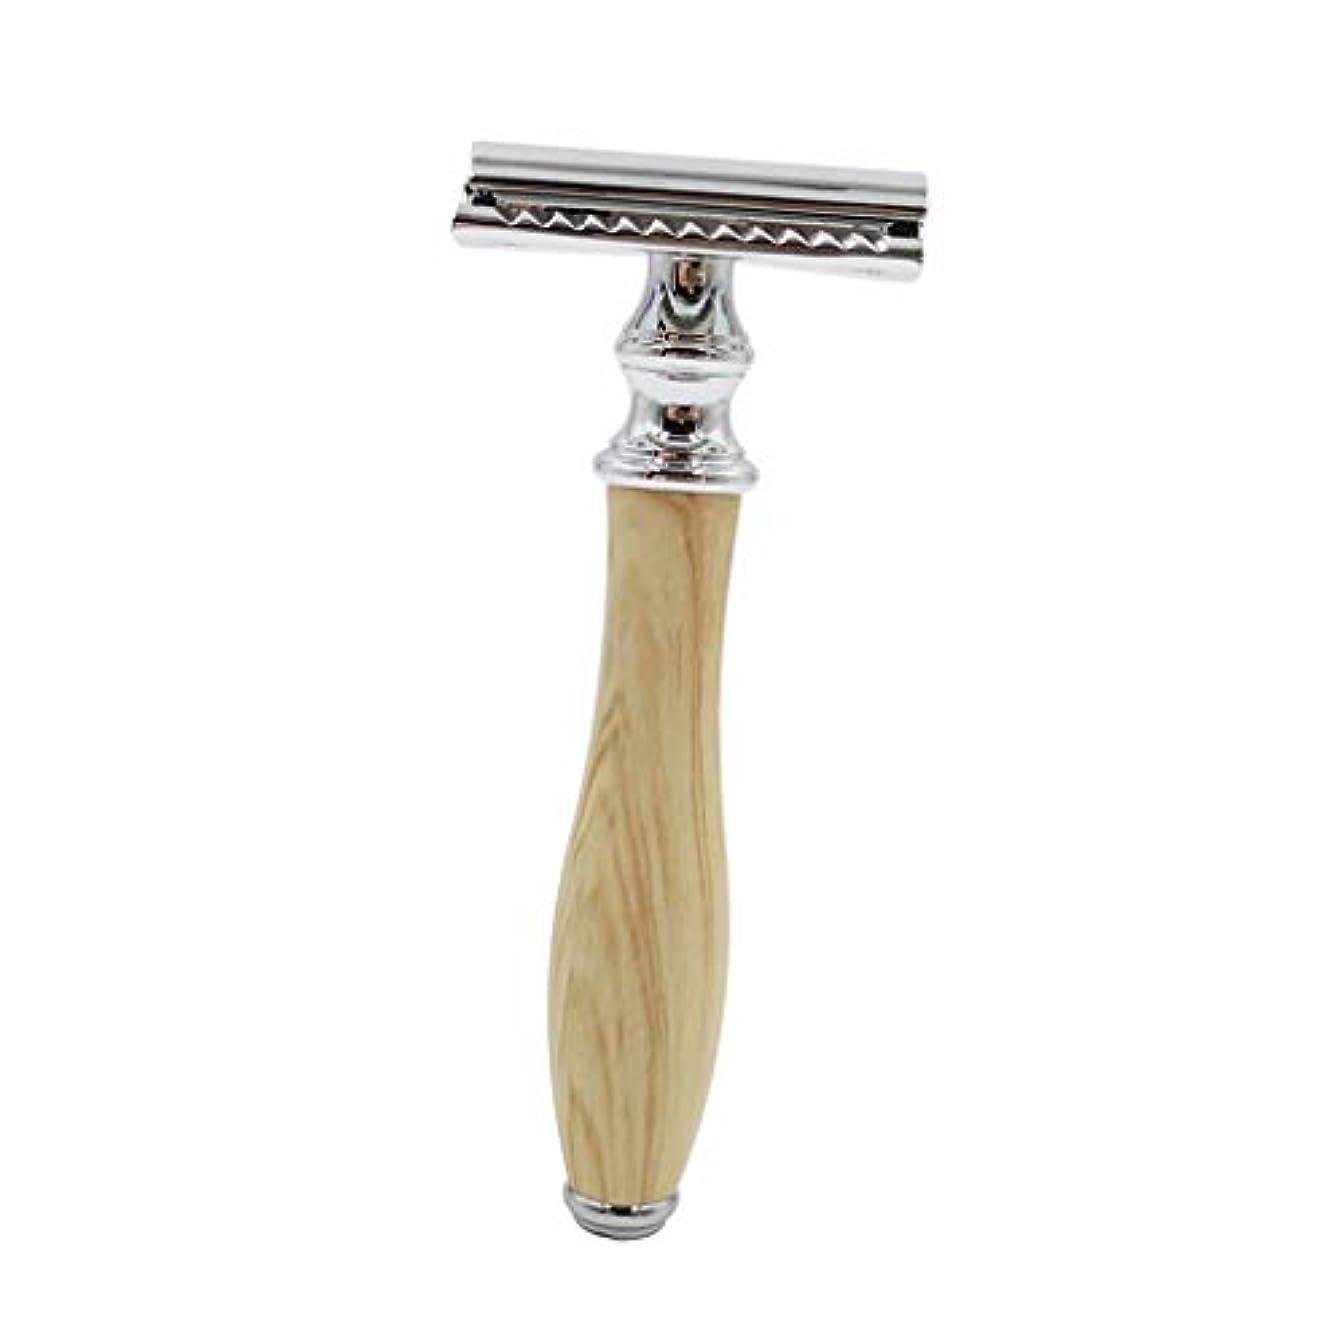 滑り台反論者ダメージ剃刀 男性 手動シェーバー ダブルエッジ シェービングかみそり 快適な ひげ剃り 全2色 - ベージュ